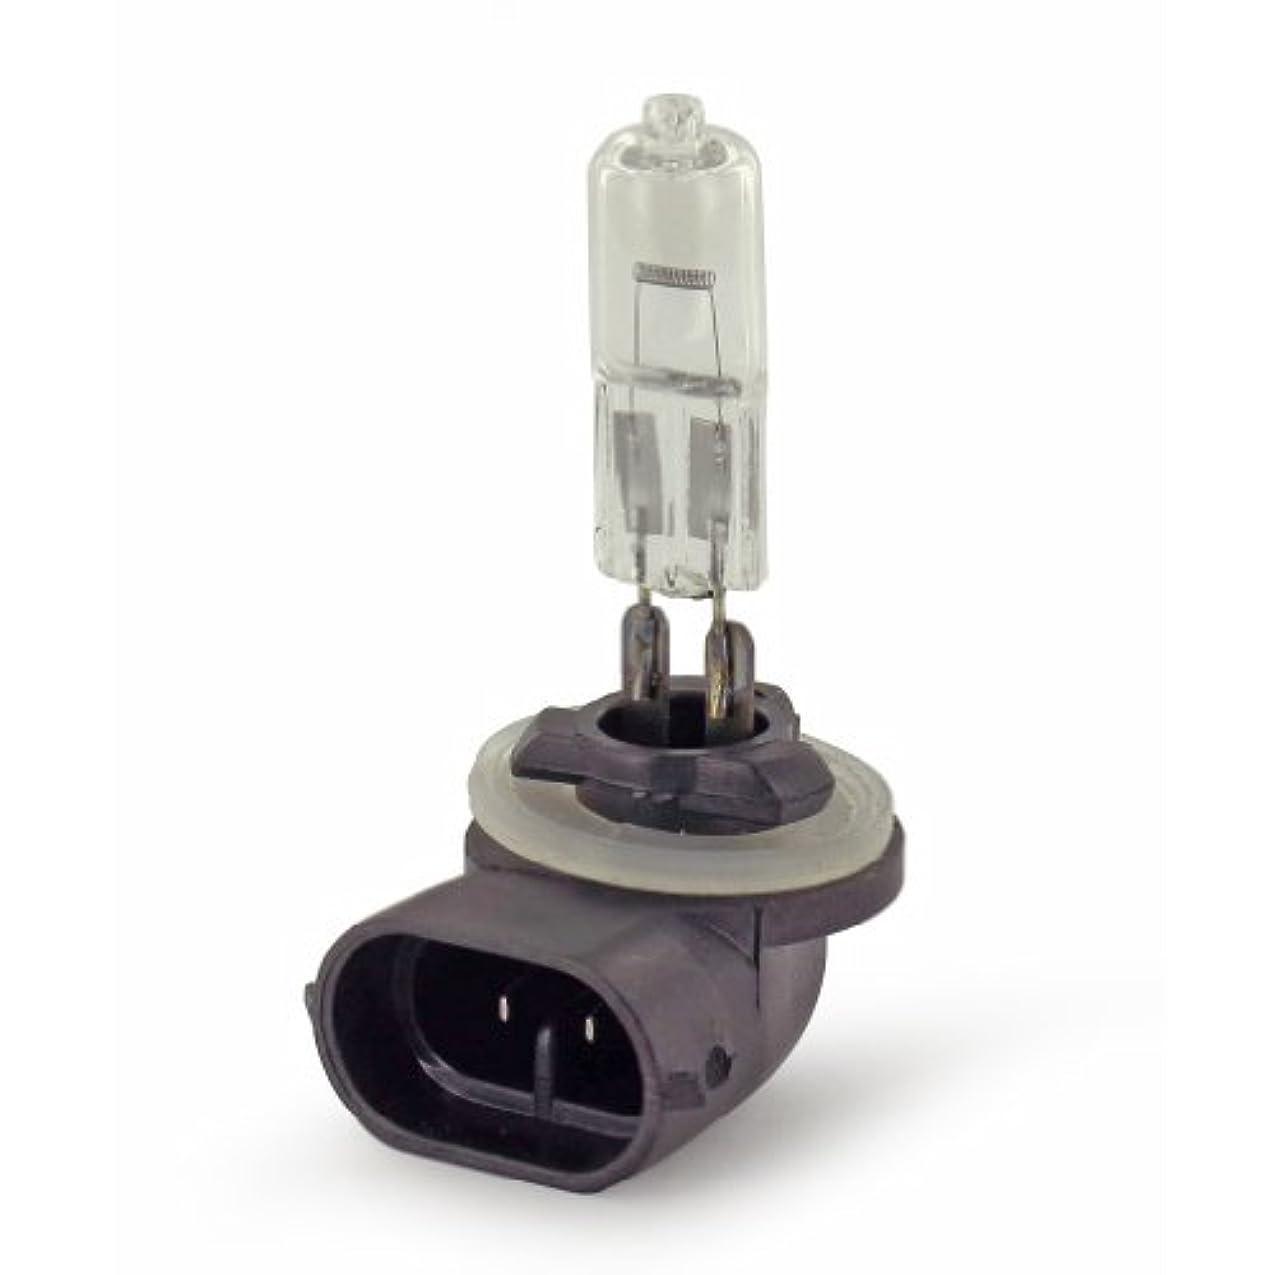 侵入絡み合い消費するIntella 1062038 GE 894 Bulb, 12.8V, 38W by Intella Liftparts Inc.